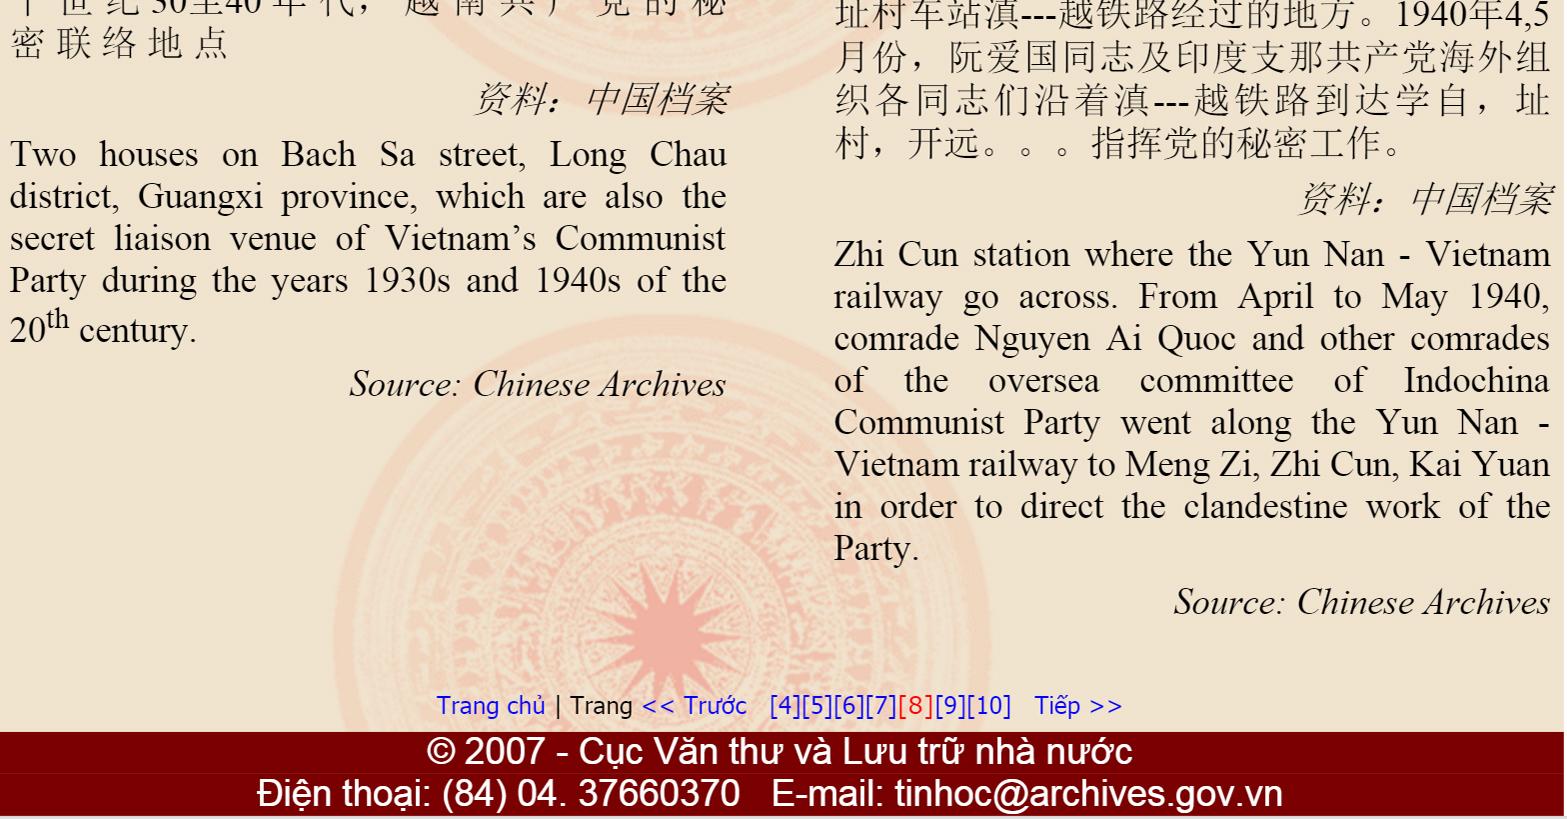 Vị trí của tài liệu về Hồ Quang trong Cục Văn thư và Lưu trữ.jpg